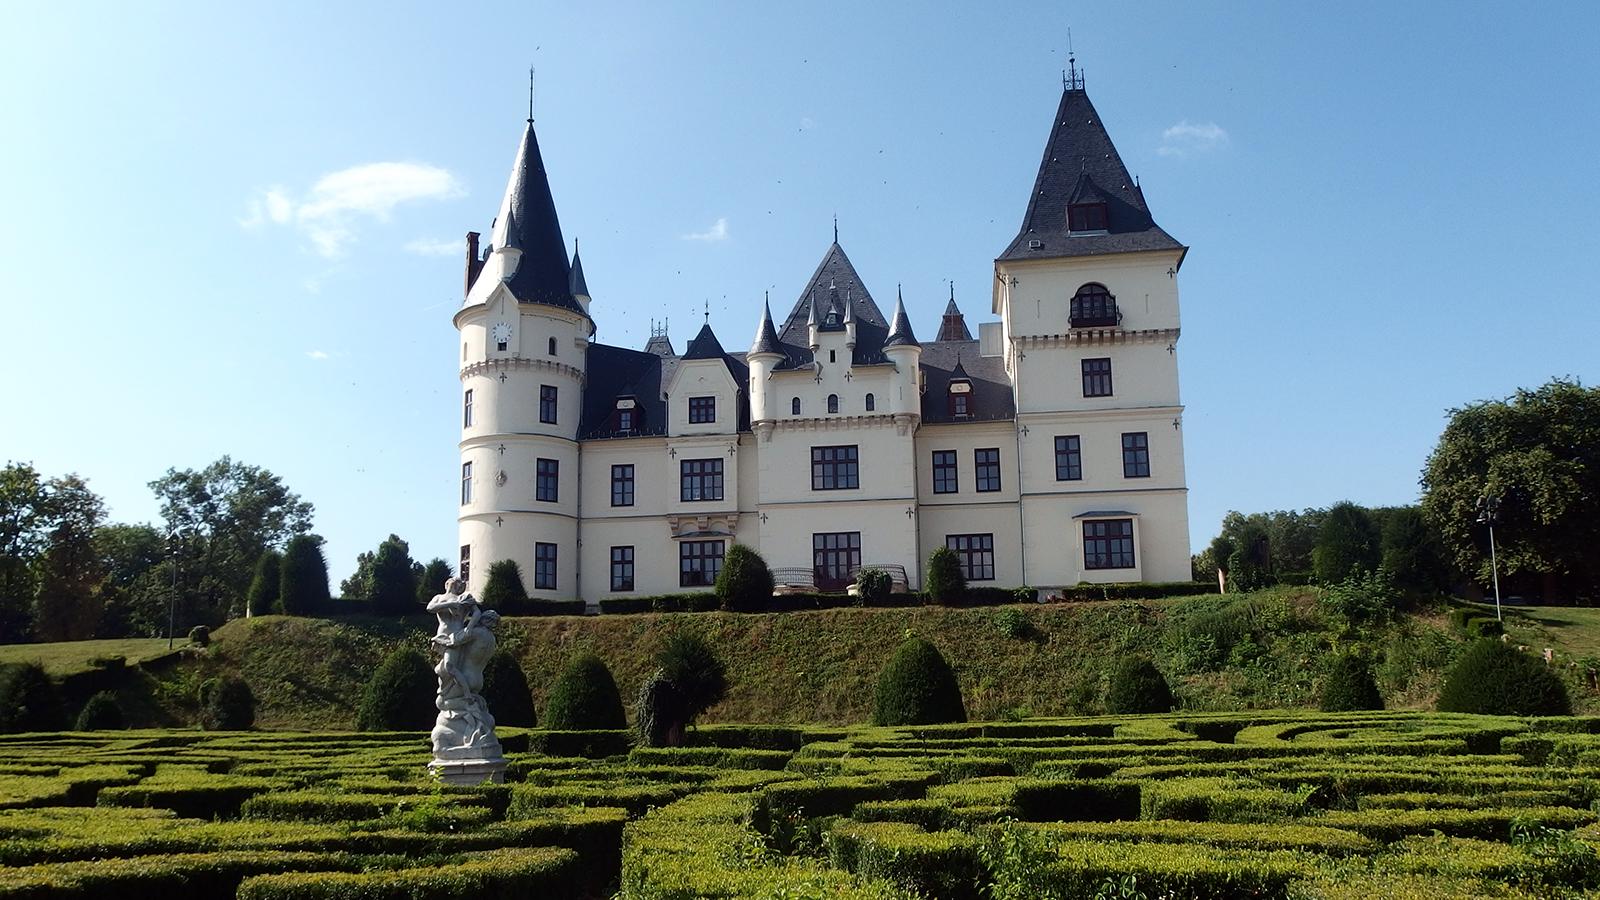 Tiszadobi Andrássy-kastély - 5+1 helyszín, amit fel kell fedezned a fényképezőgépeddel! - NEXTFOTO